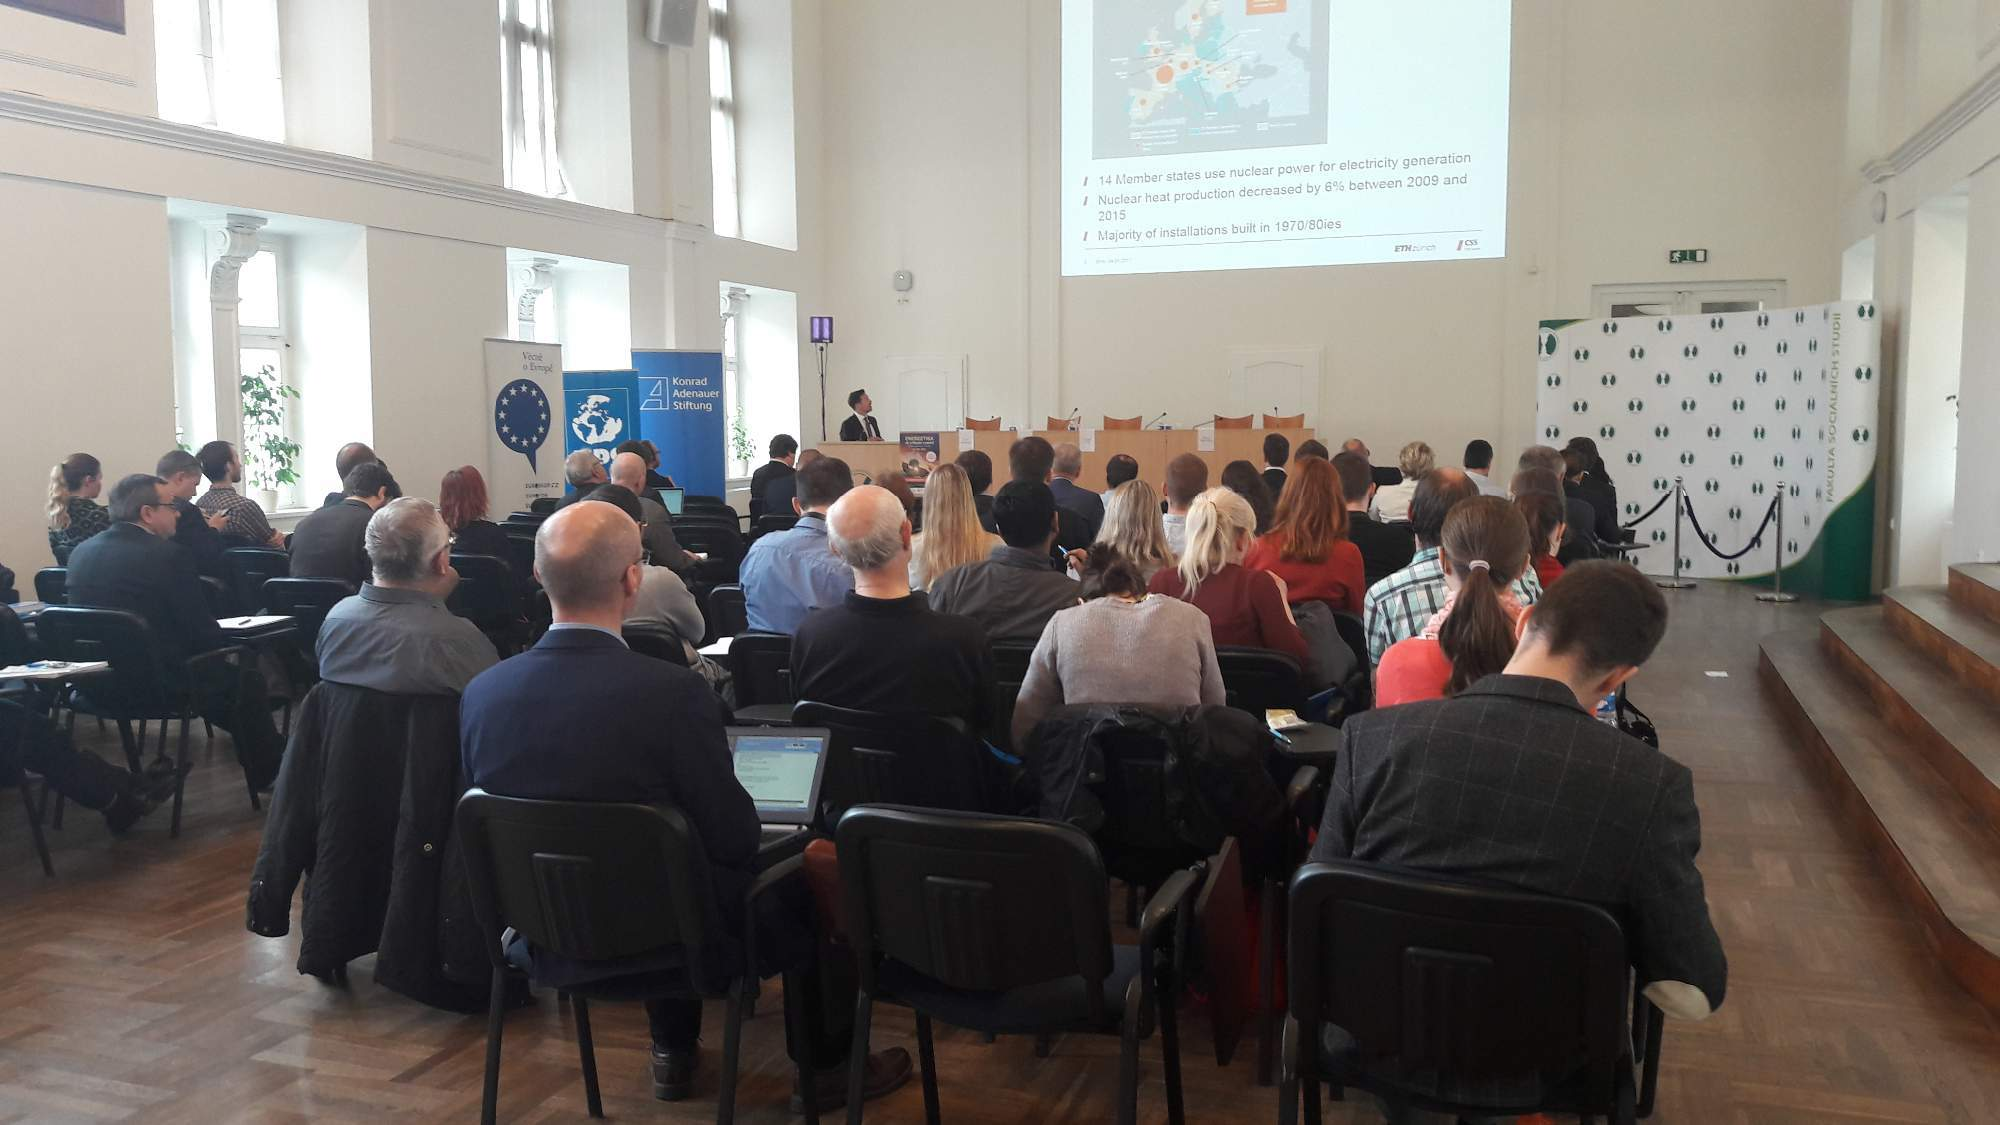 Konference o energetice se uskutečnila v aule Fakulty sociálních studií. / Autor: Tereza Hálová